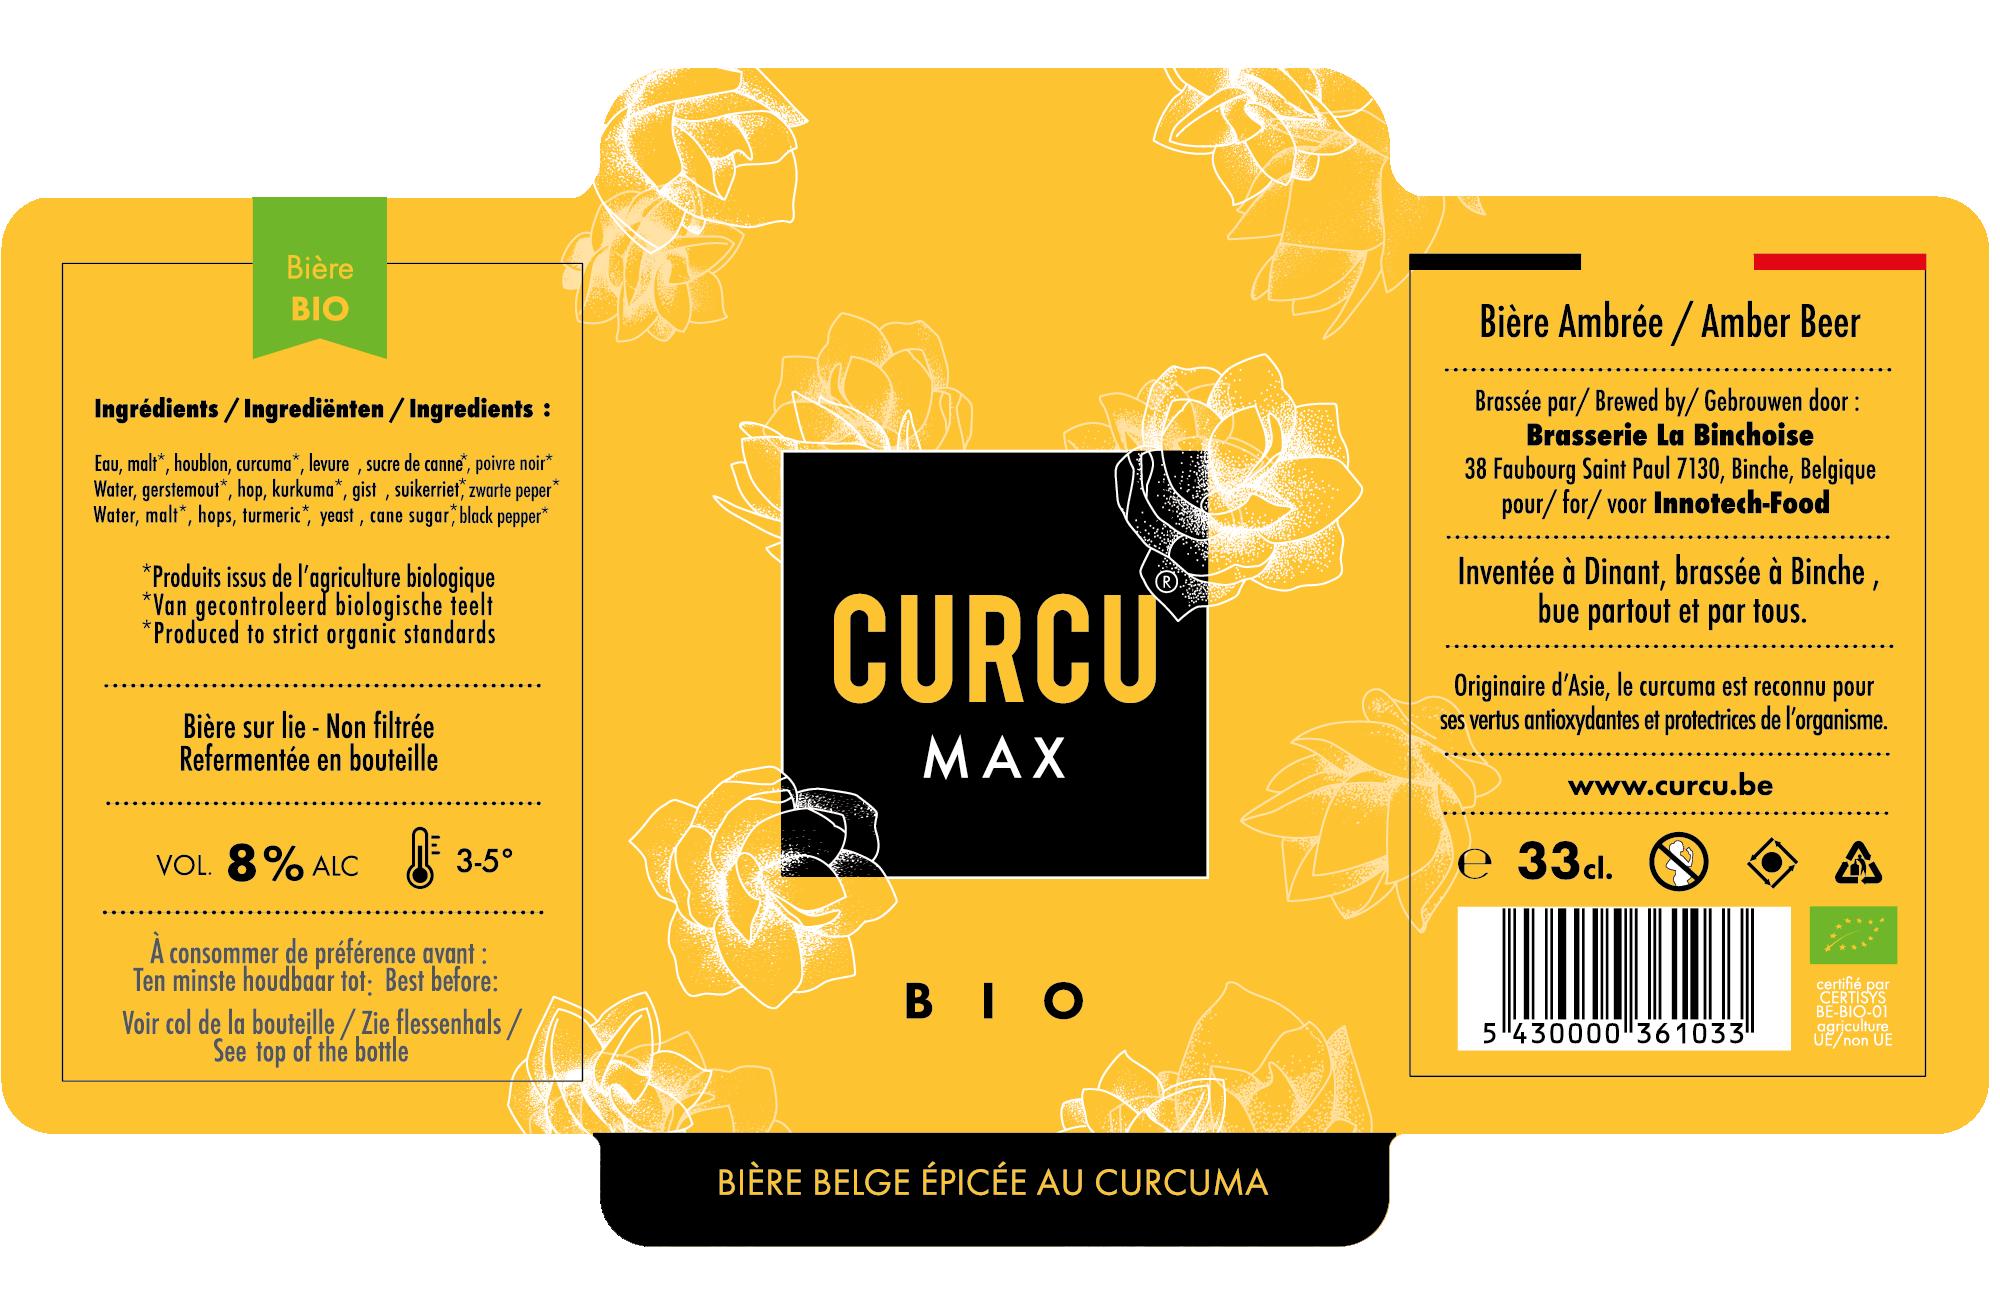 Curcu Max etiquette